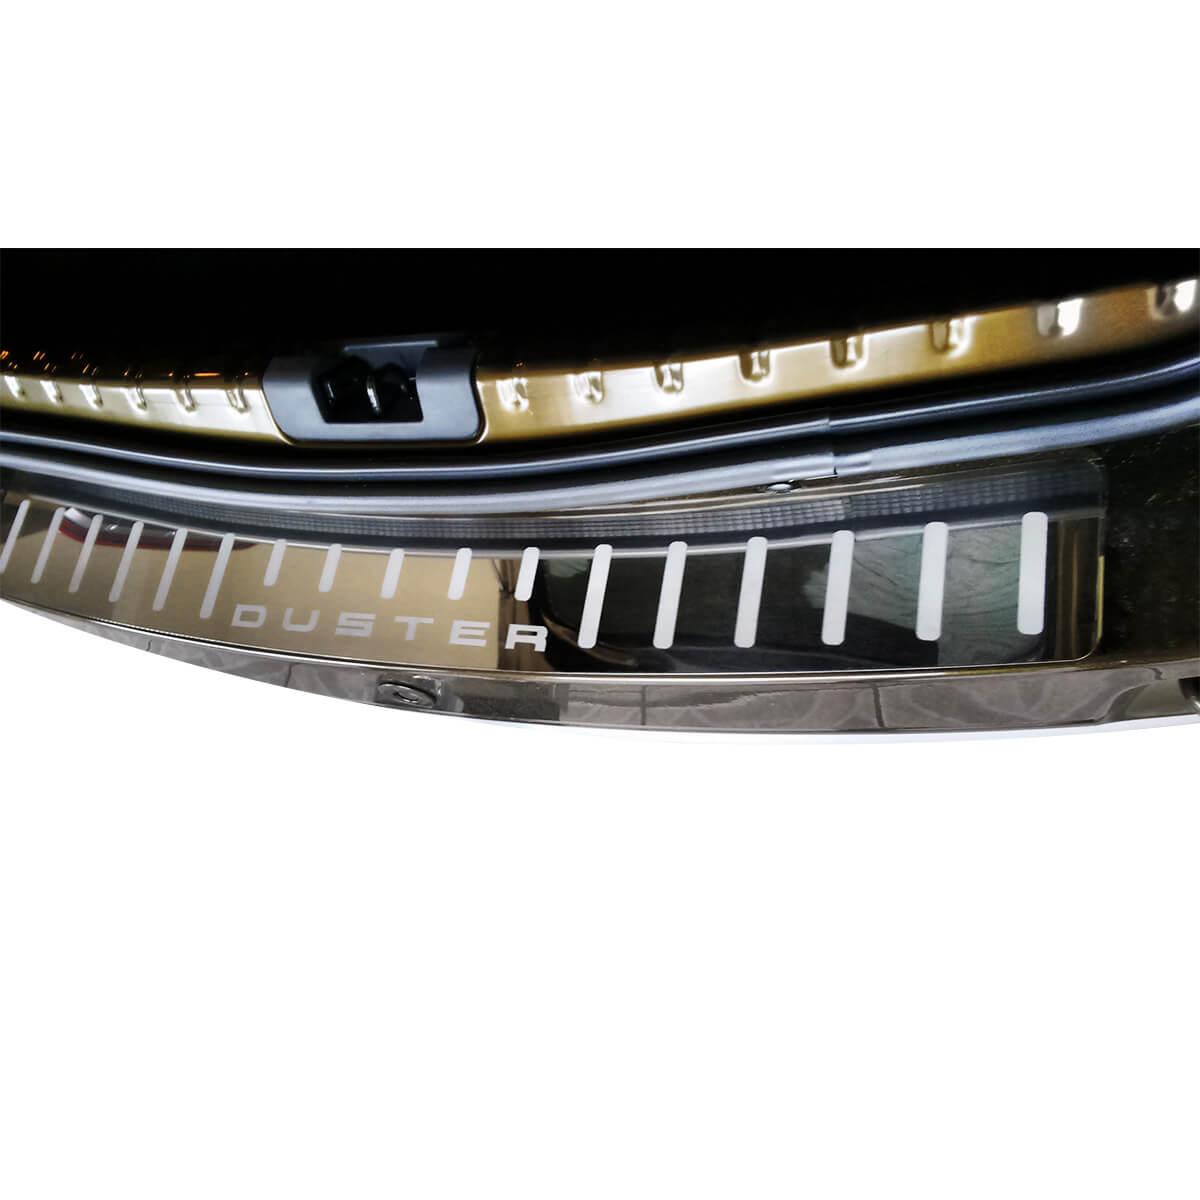 Protetor de soleira porta malas aço inox Duster 2012 a 2020